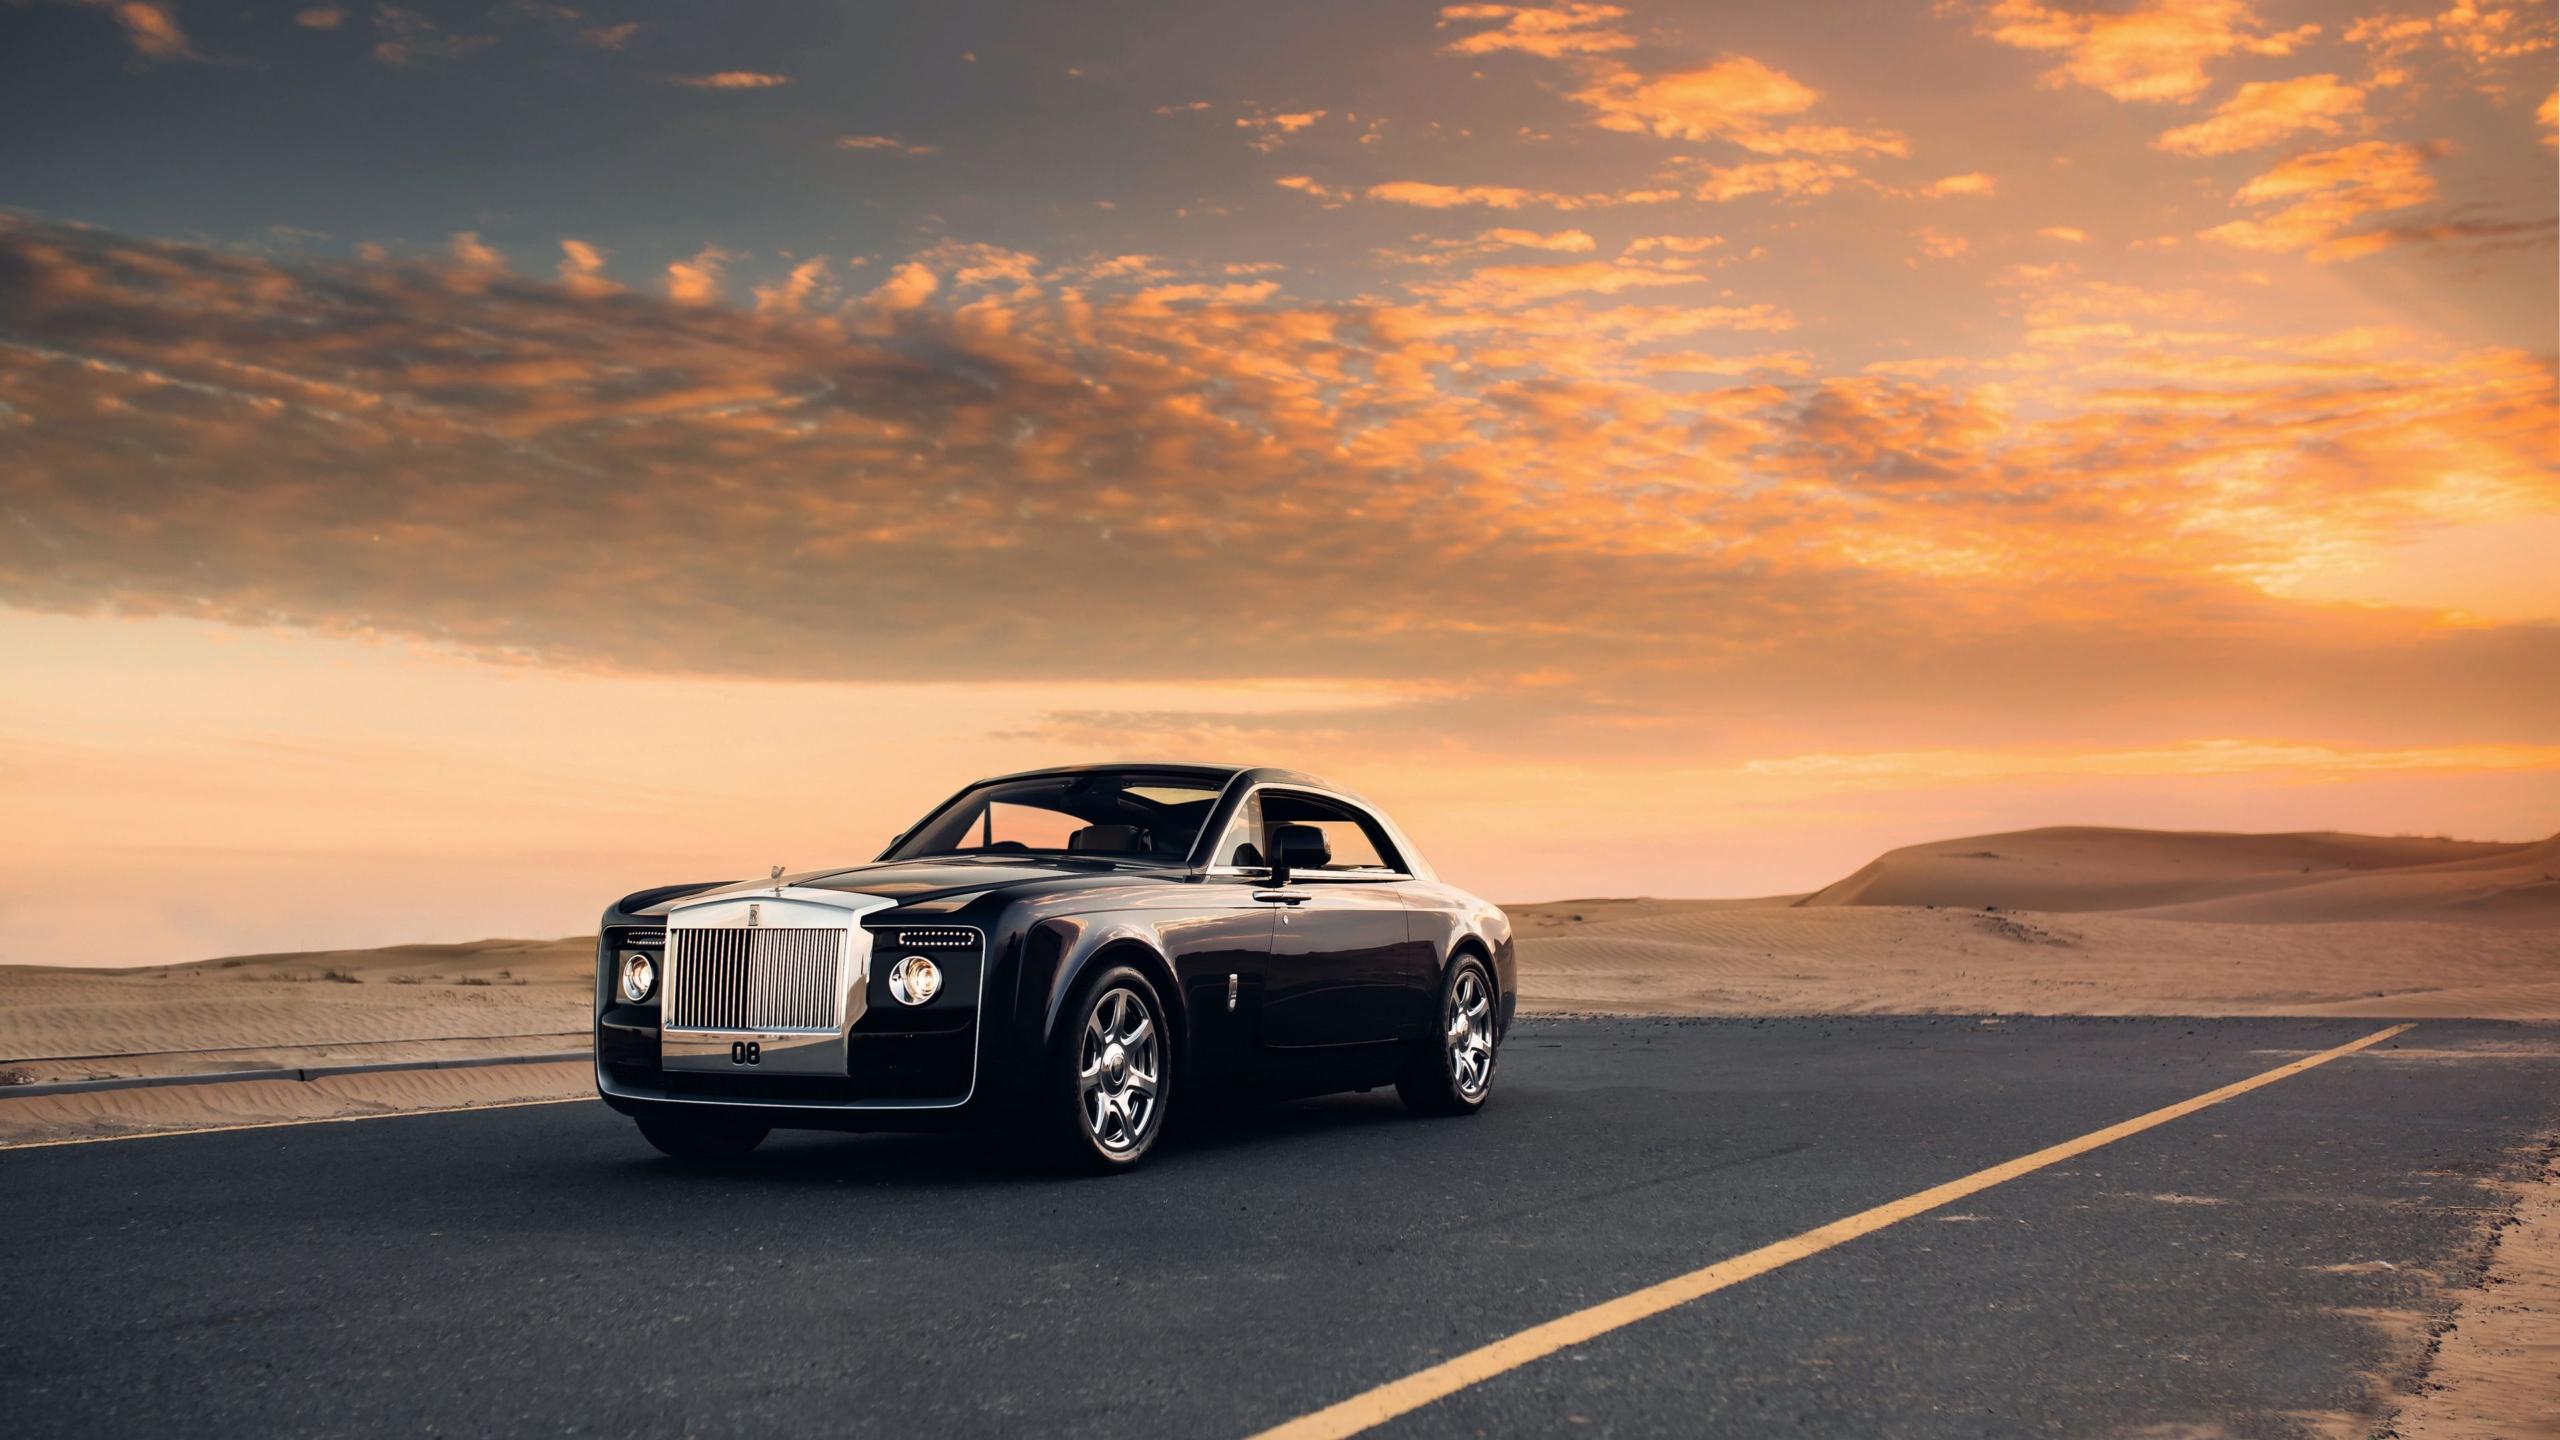 Rolls Royce Wallpaper – A Revolutionary New Wallpaper Designs